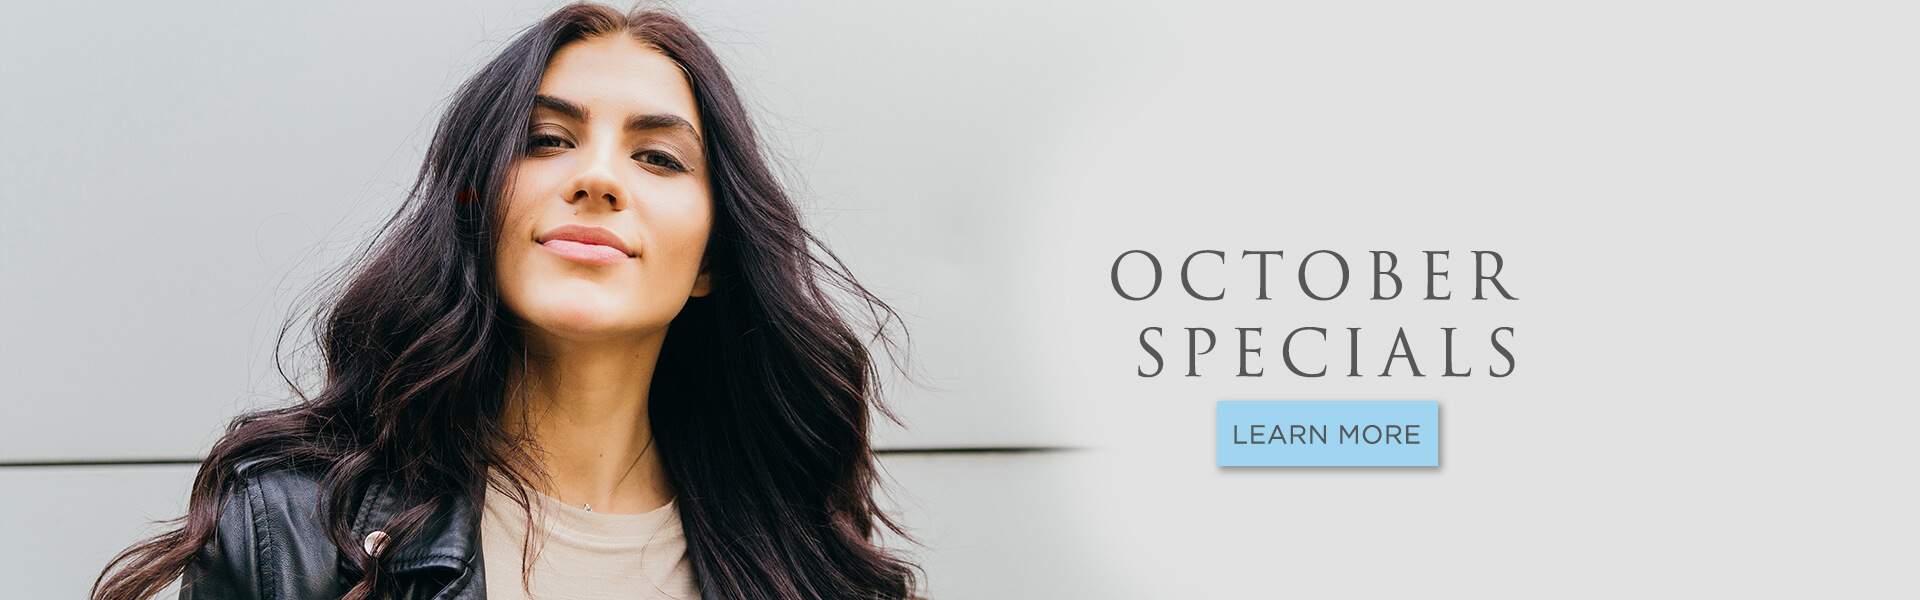 october-specials-2019